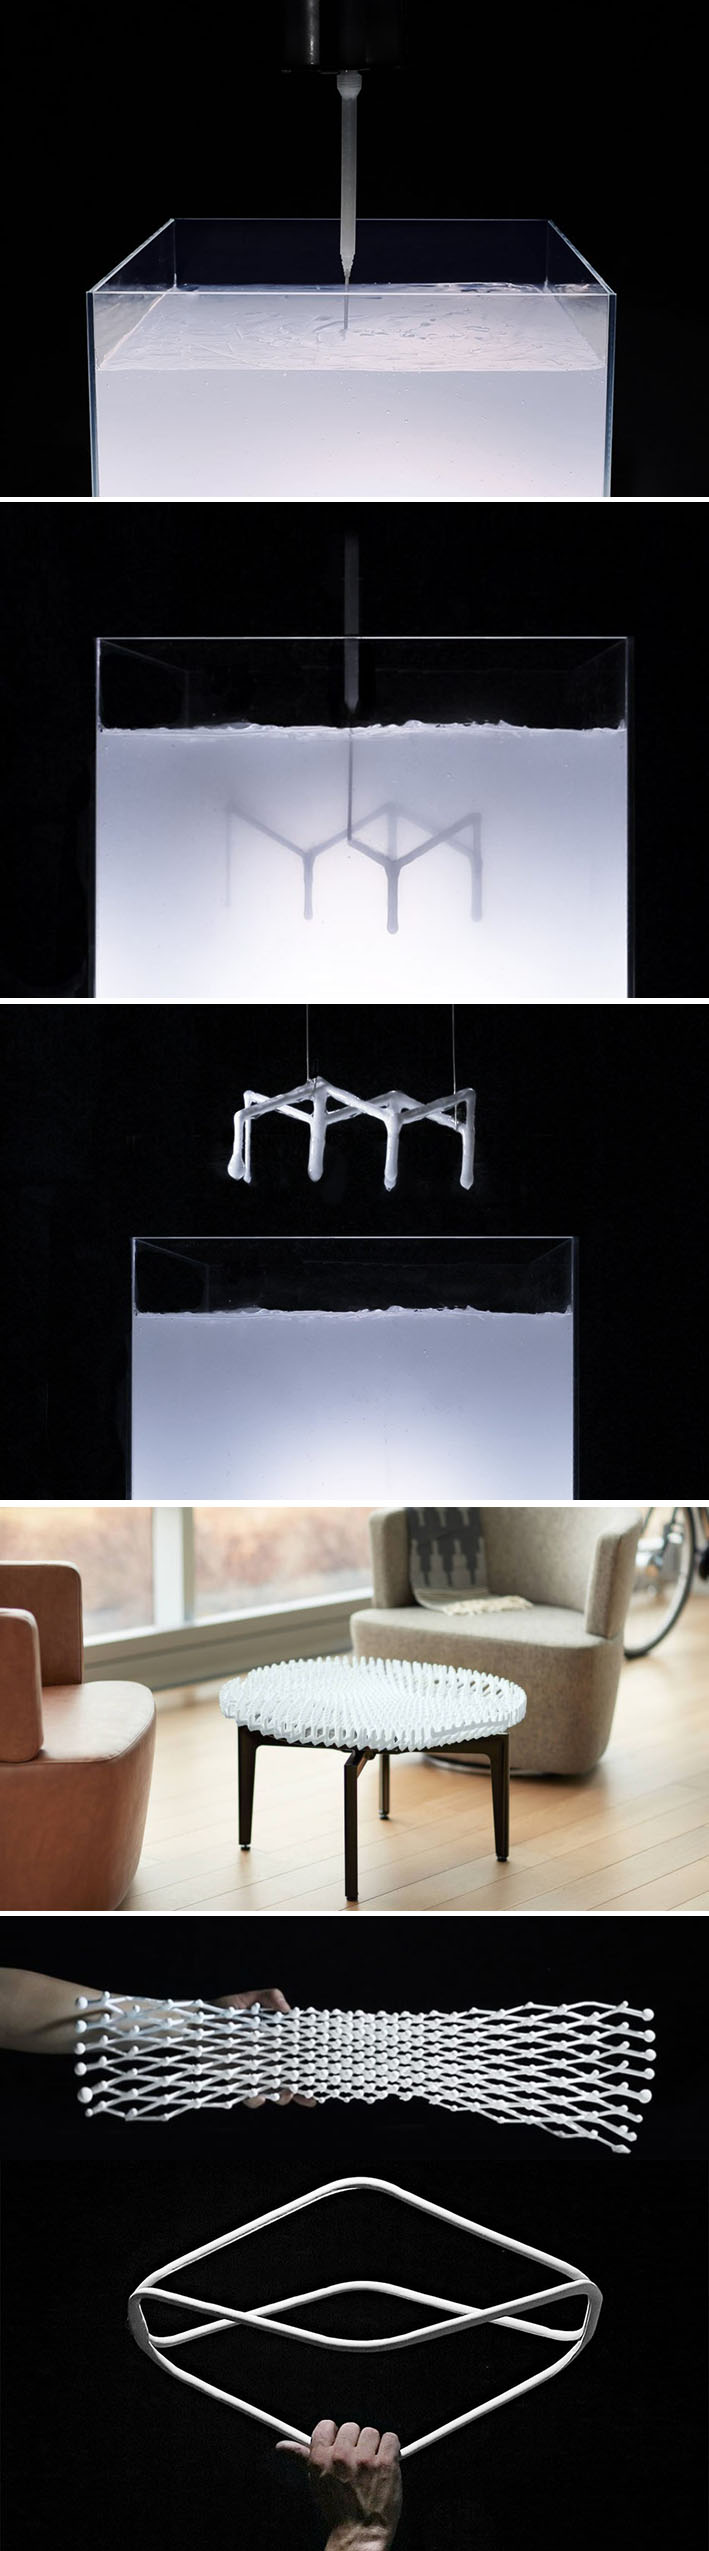 A nova tecnologia Rapid Liquid Printing do MIT imprime móveis e objetos em minutos stylo urbano